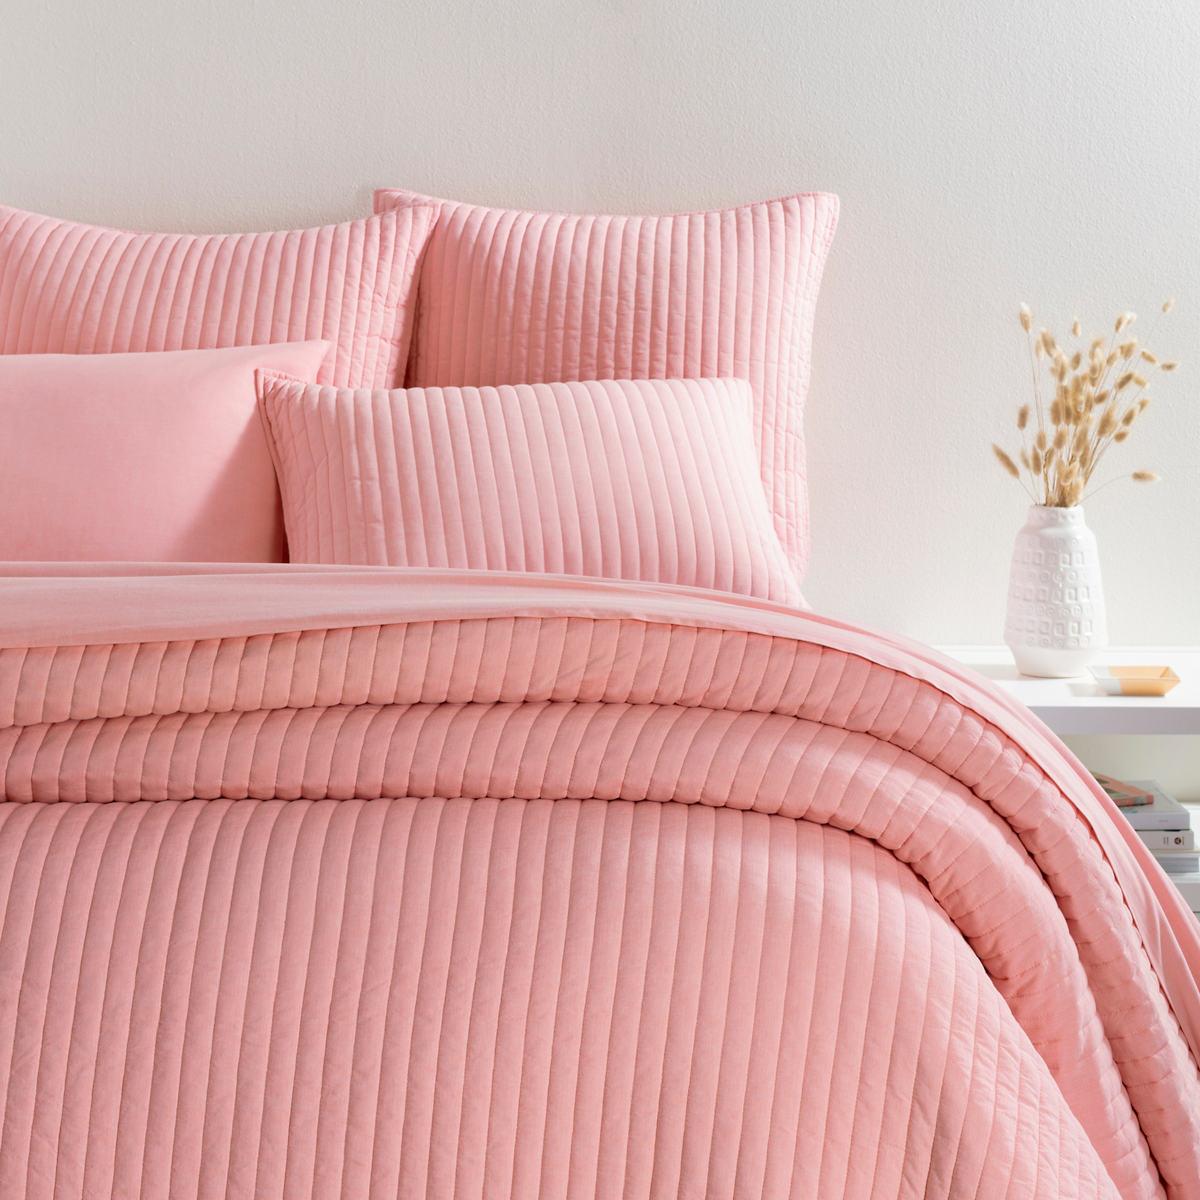 Comfy Cotton Coral Quilt